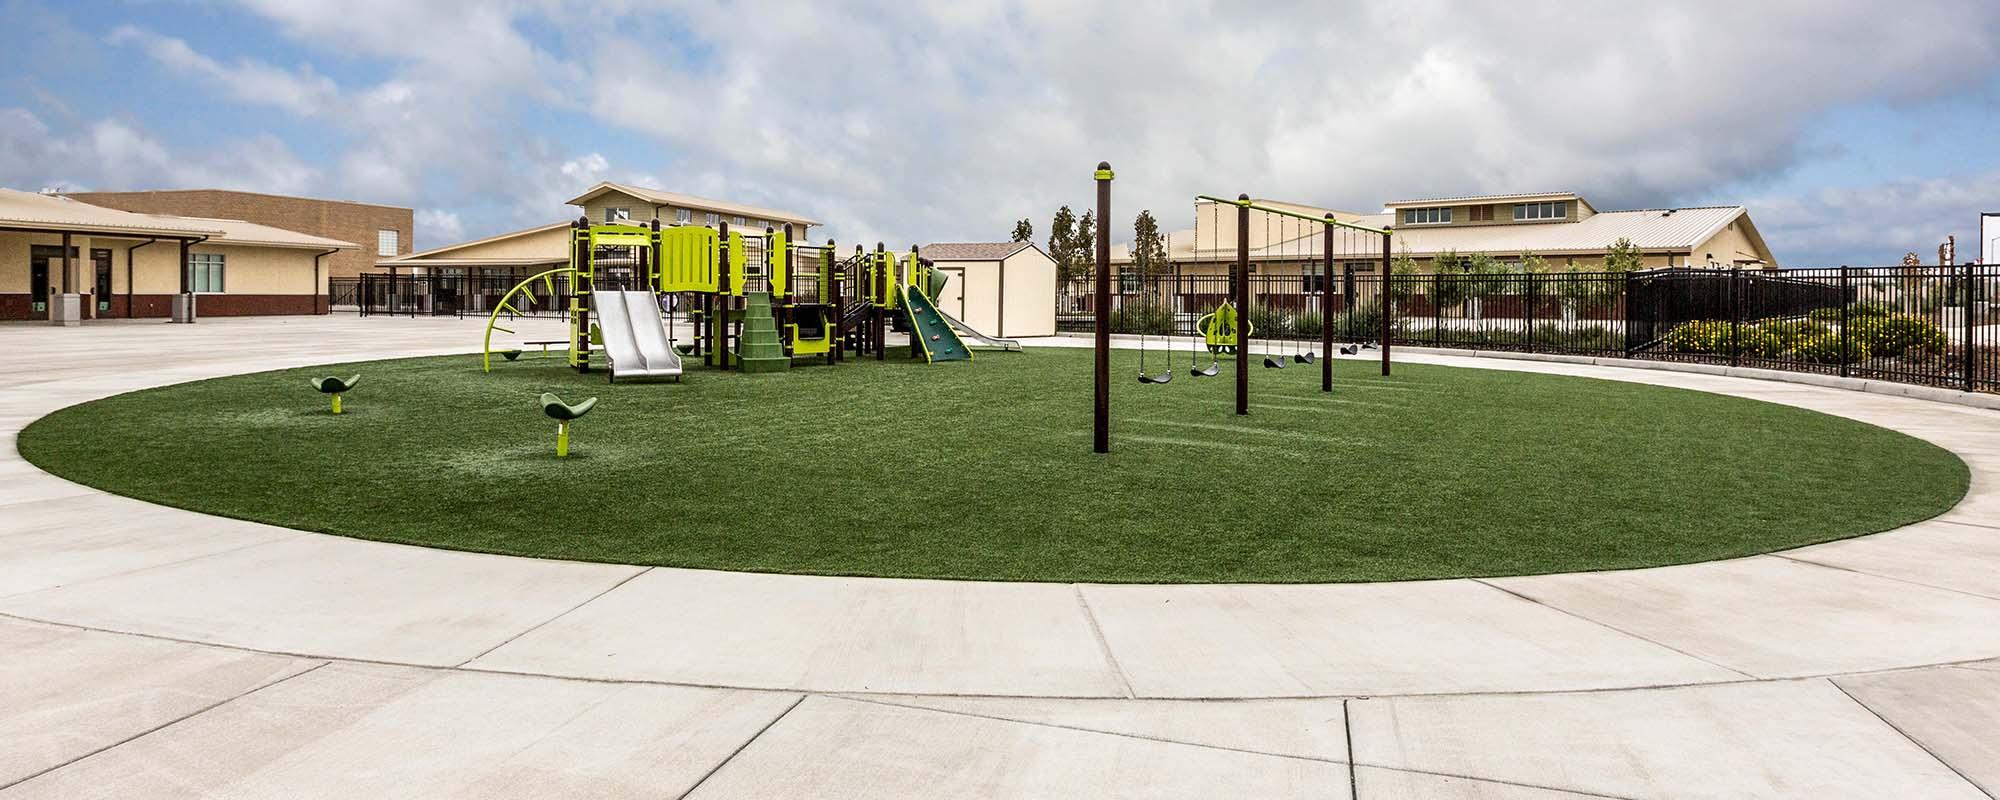 Jimenez Elementary School